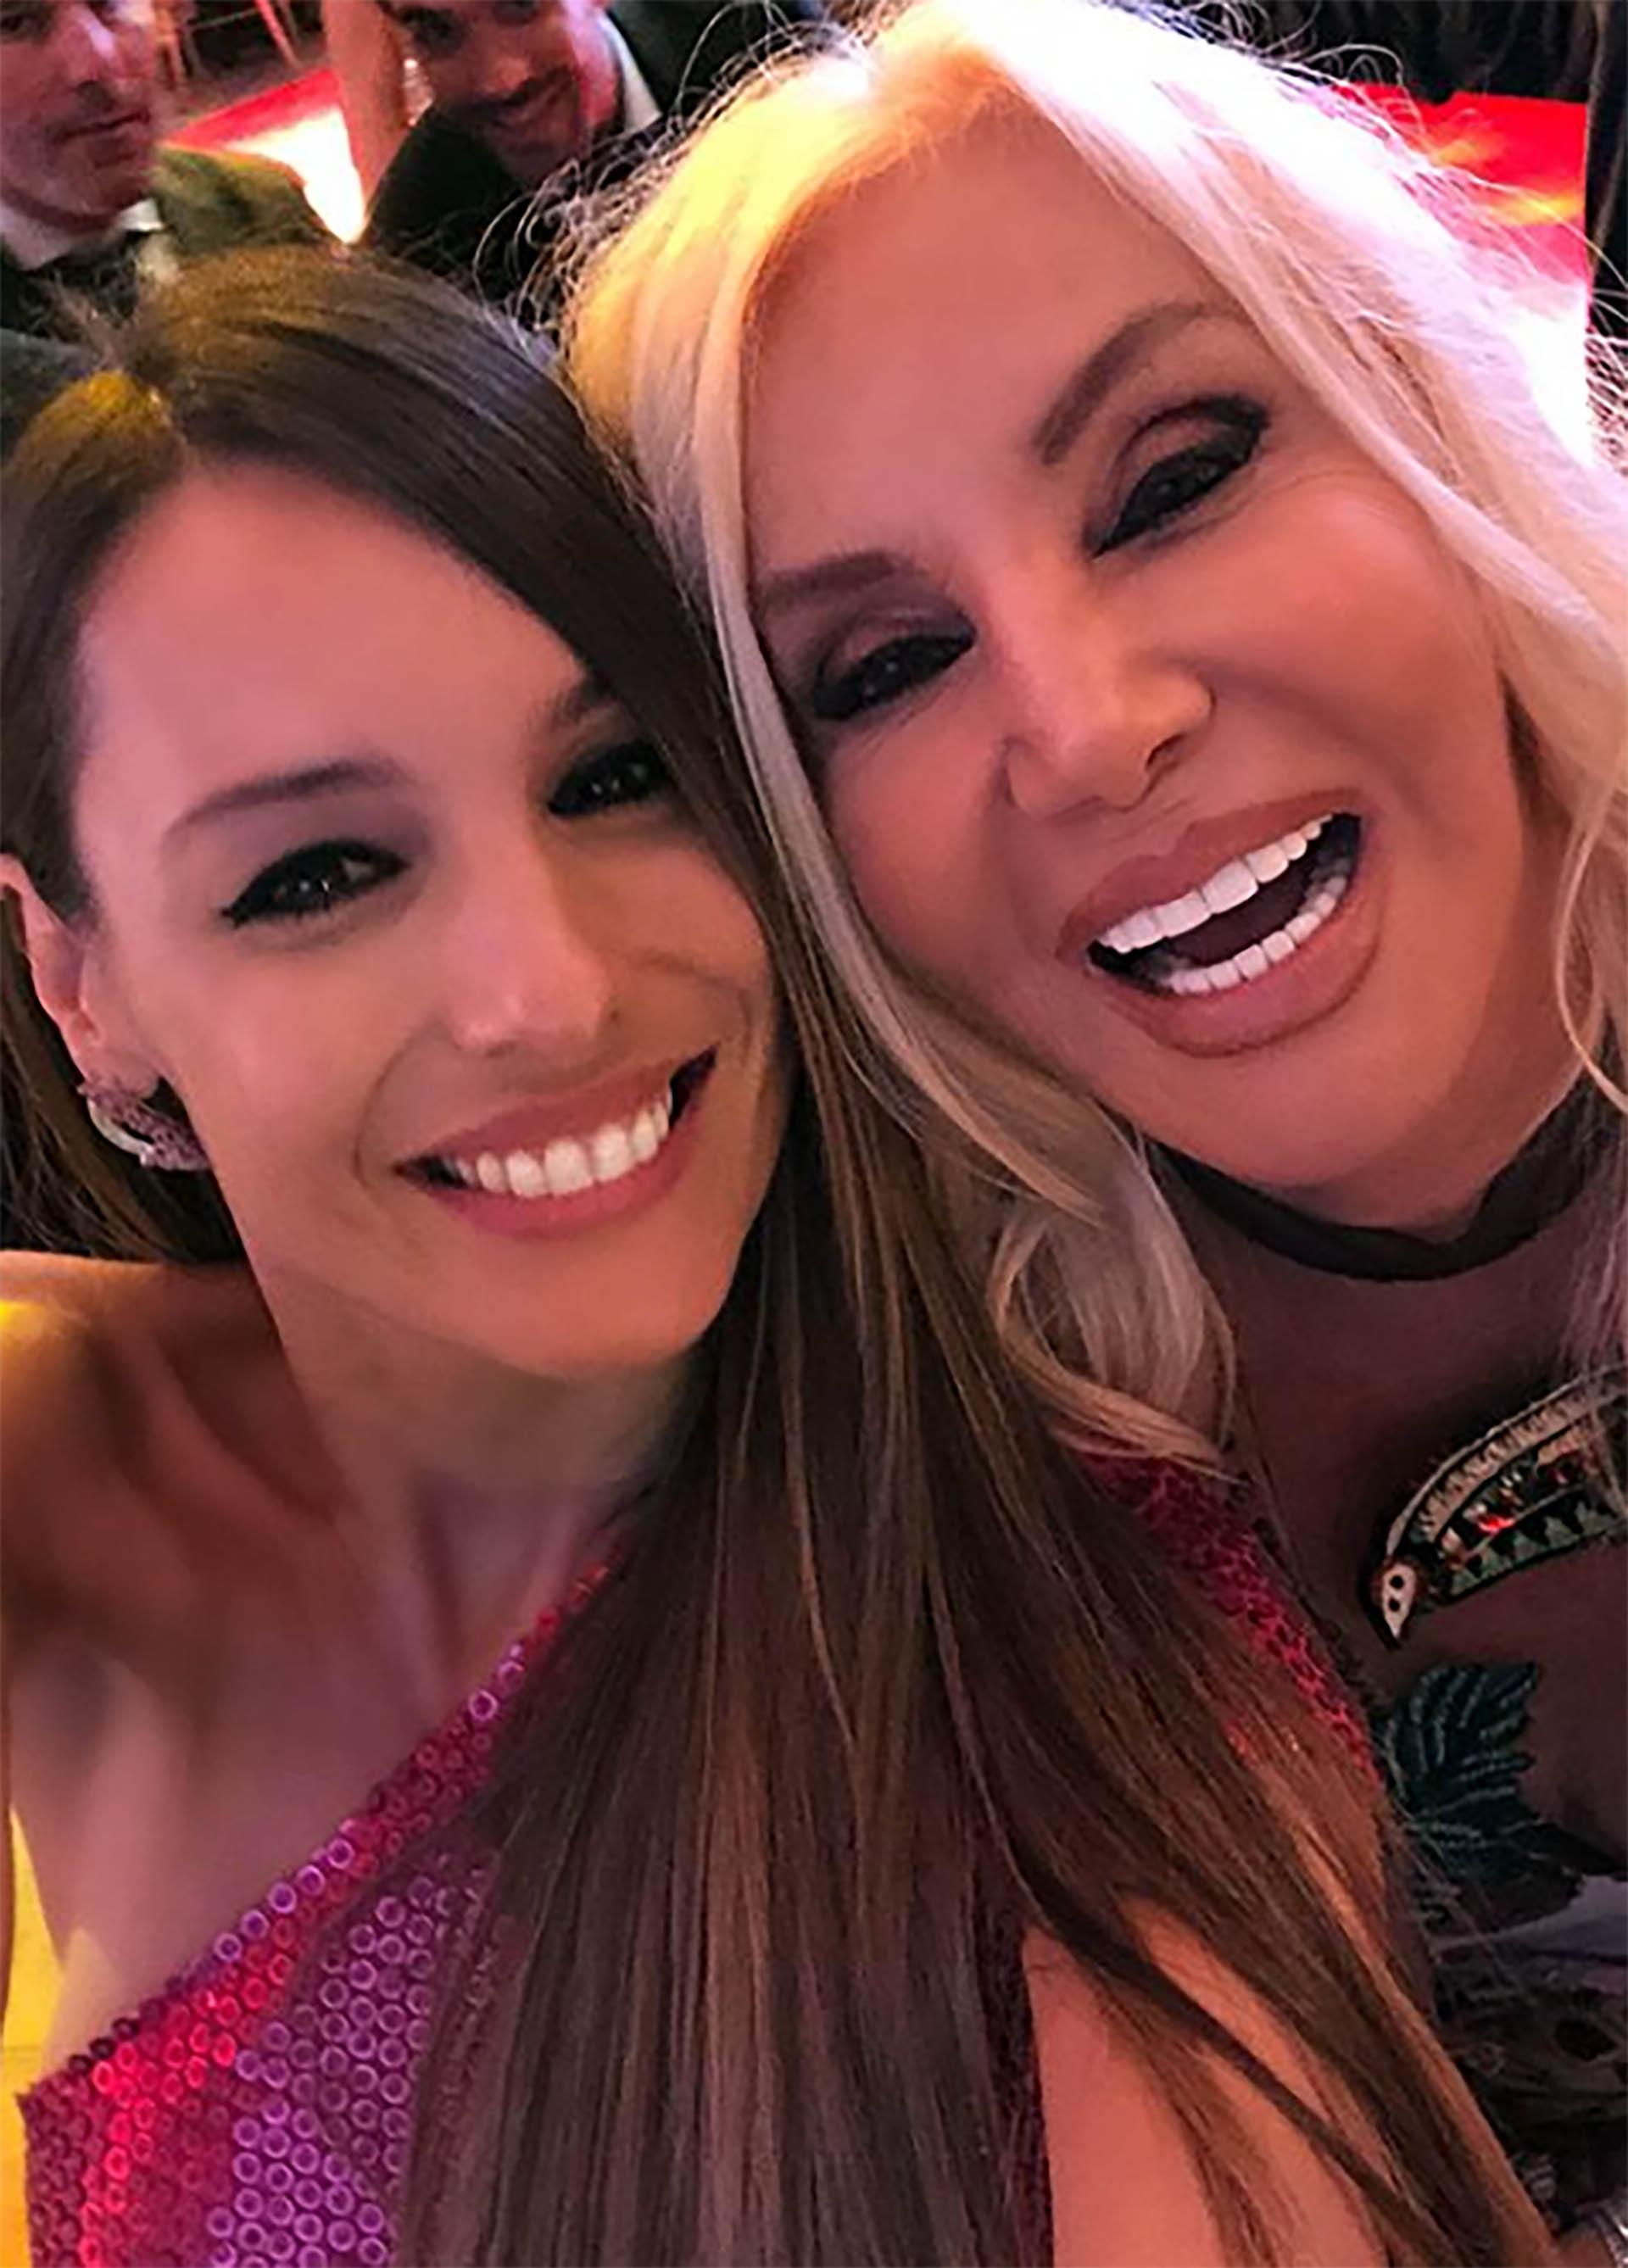 ¡Cumbre de divas! Pampita y Susana Giménezse encontraron en la gala solidaria de Fundaleu. Sacándose selfies y charlando al oído, demostraron que hay muy buena onda entre ellas (Instagram)